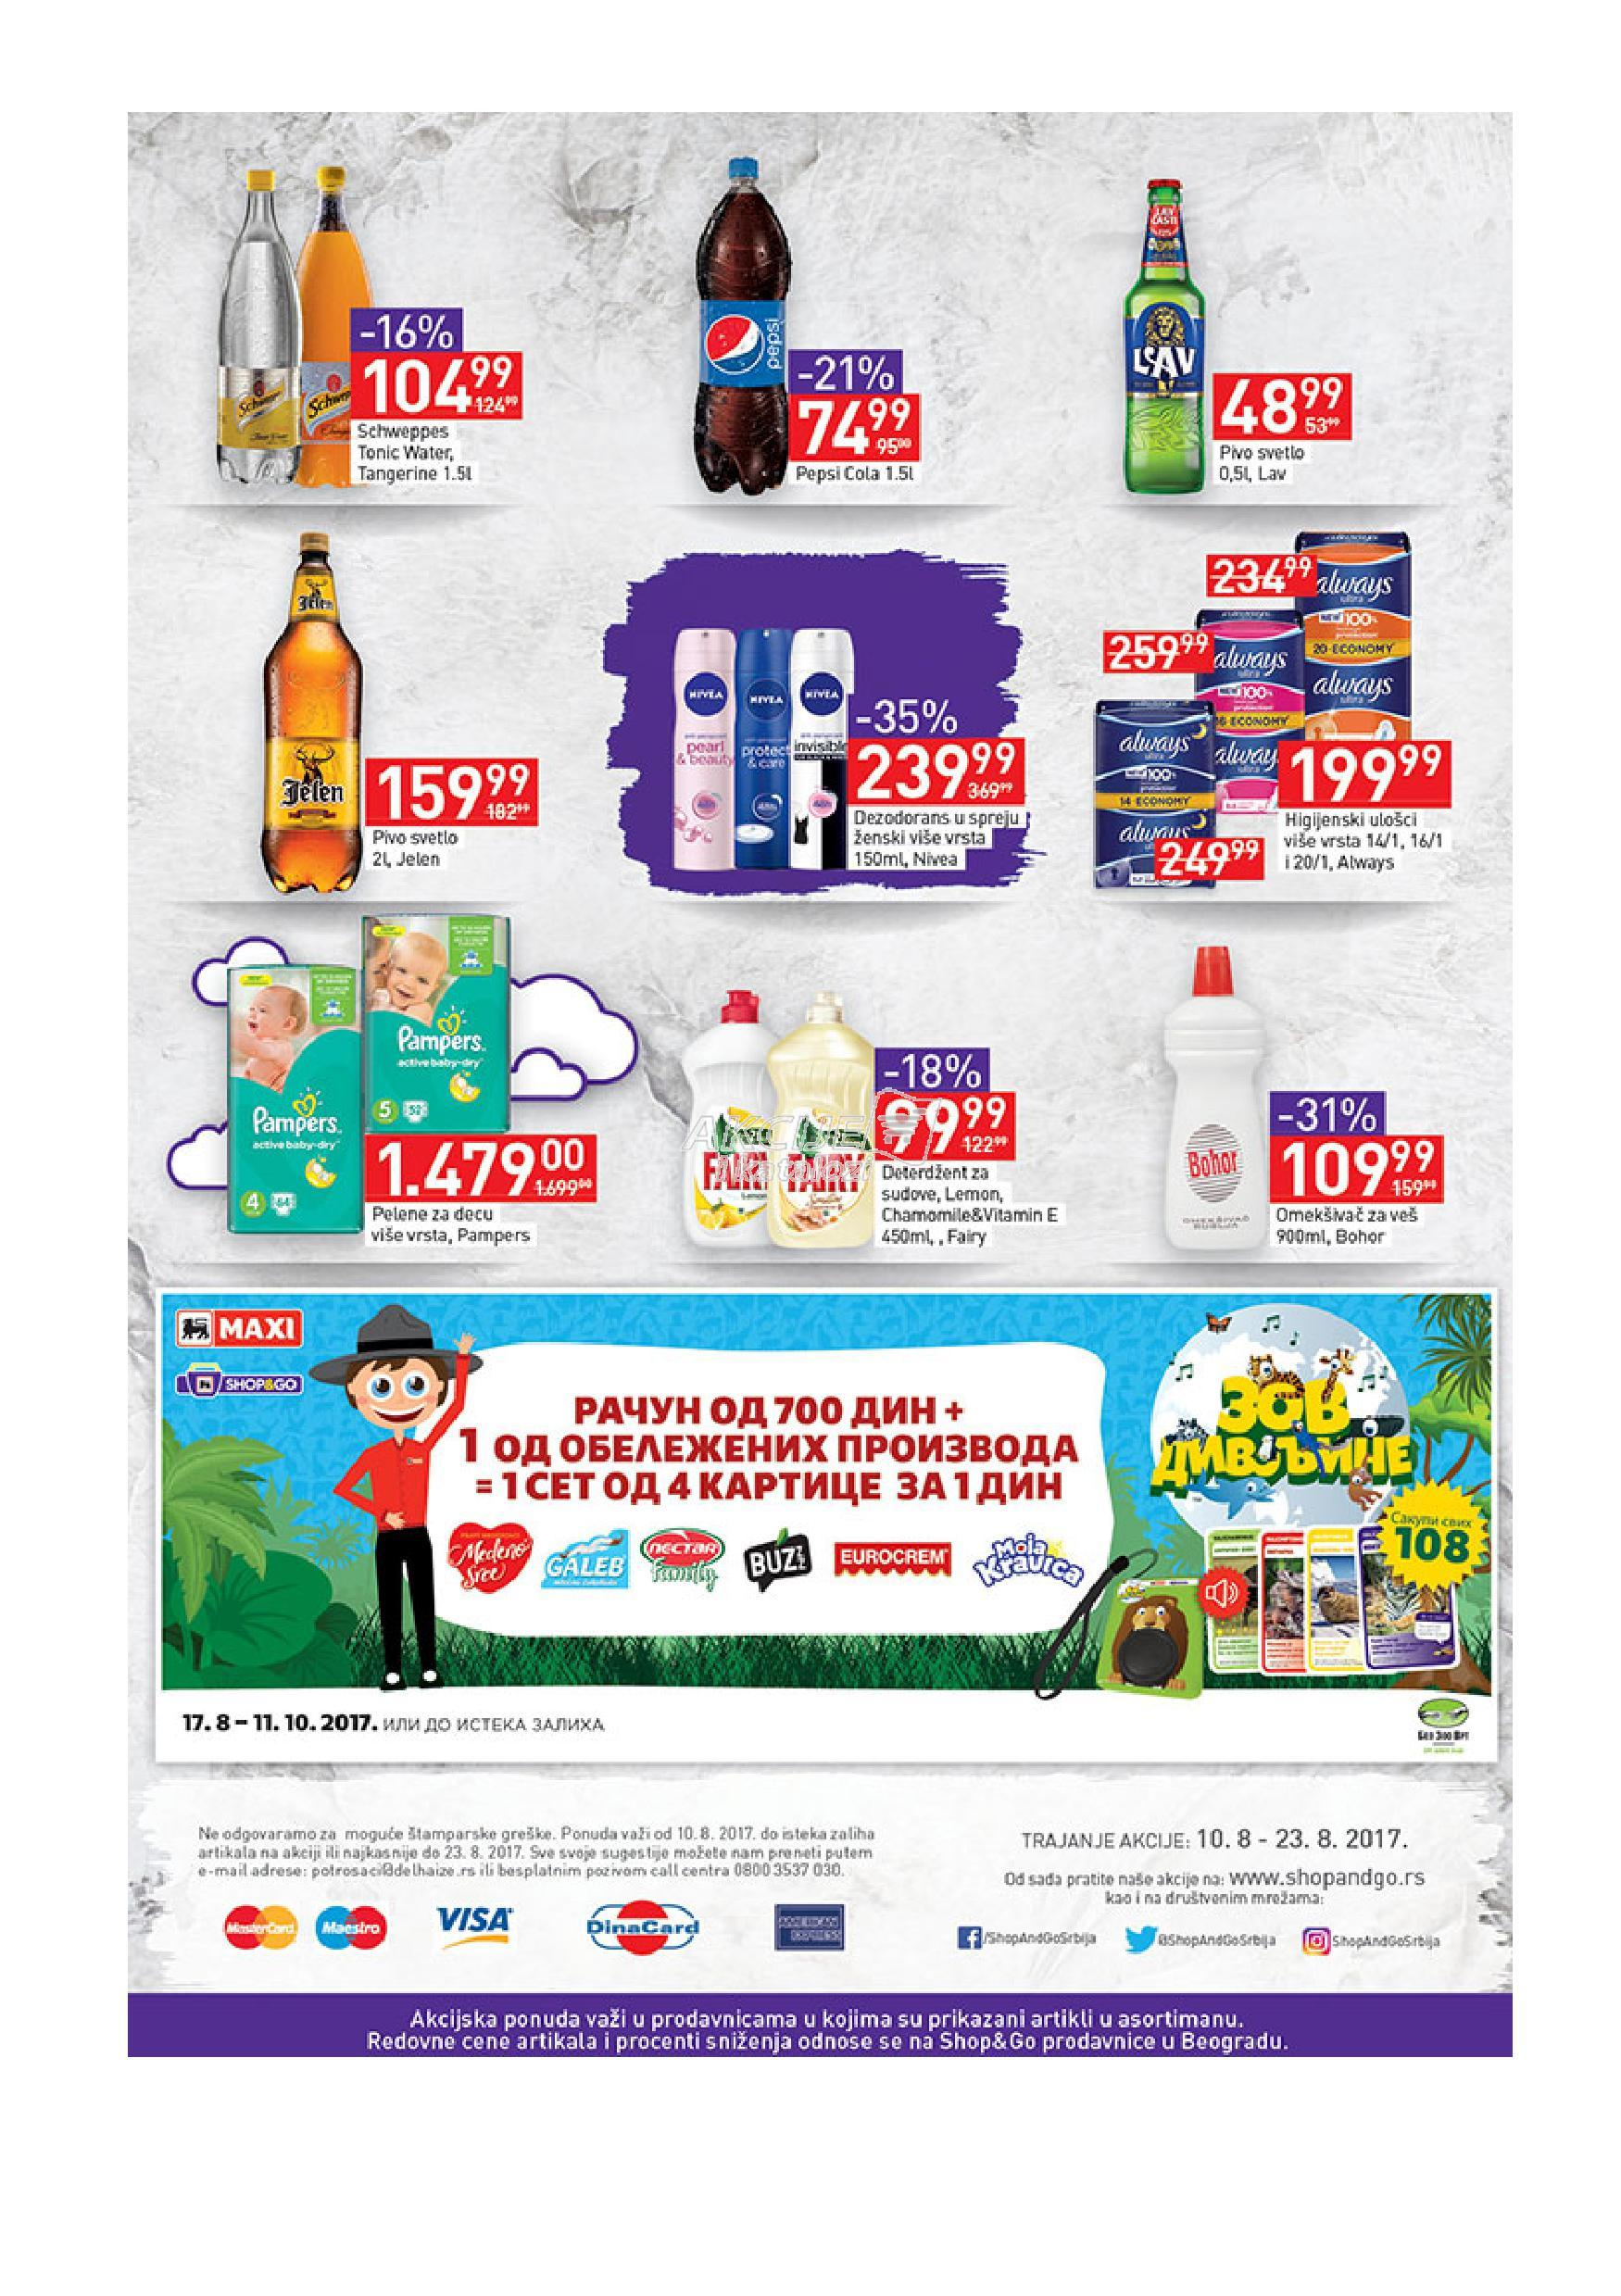 Maxi akcija super kupovine